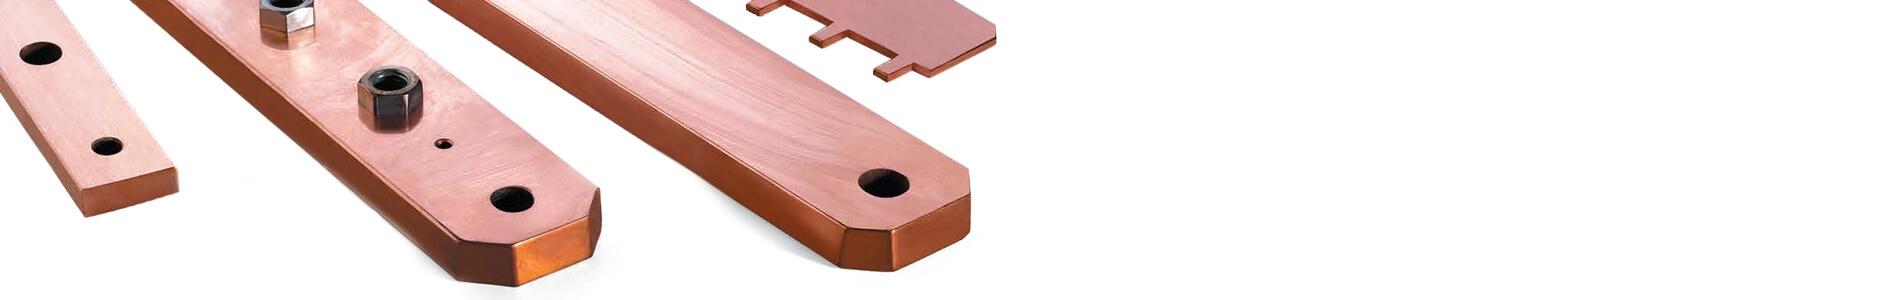 Piezas de cobre sobre plano